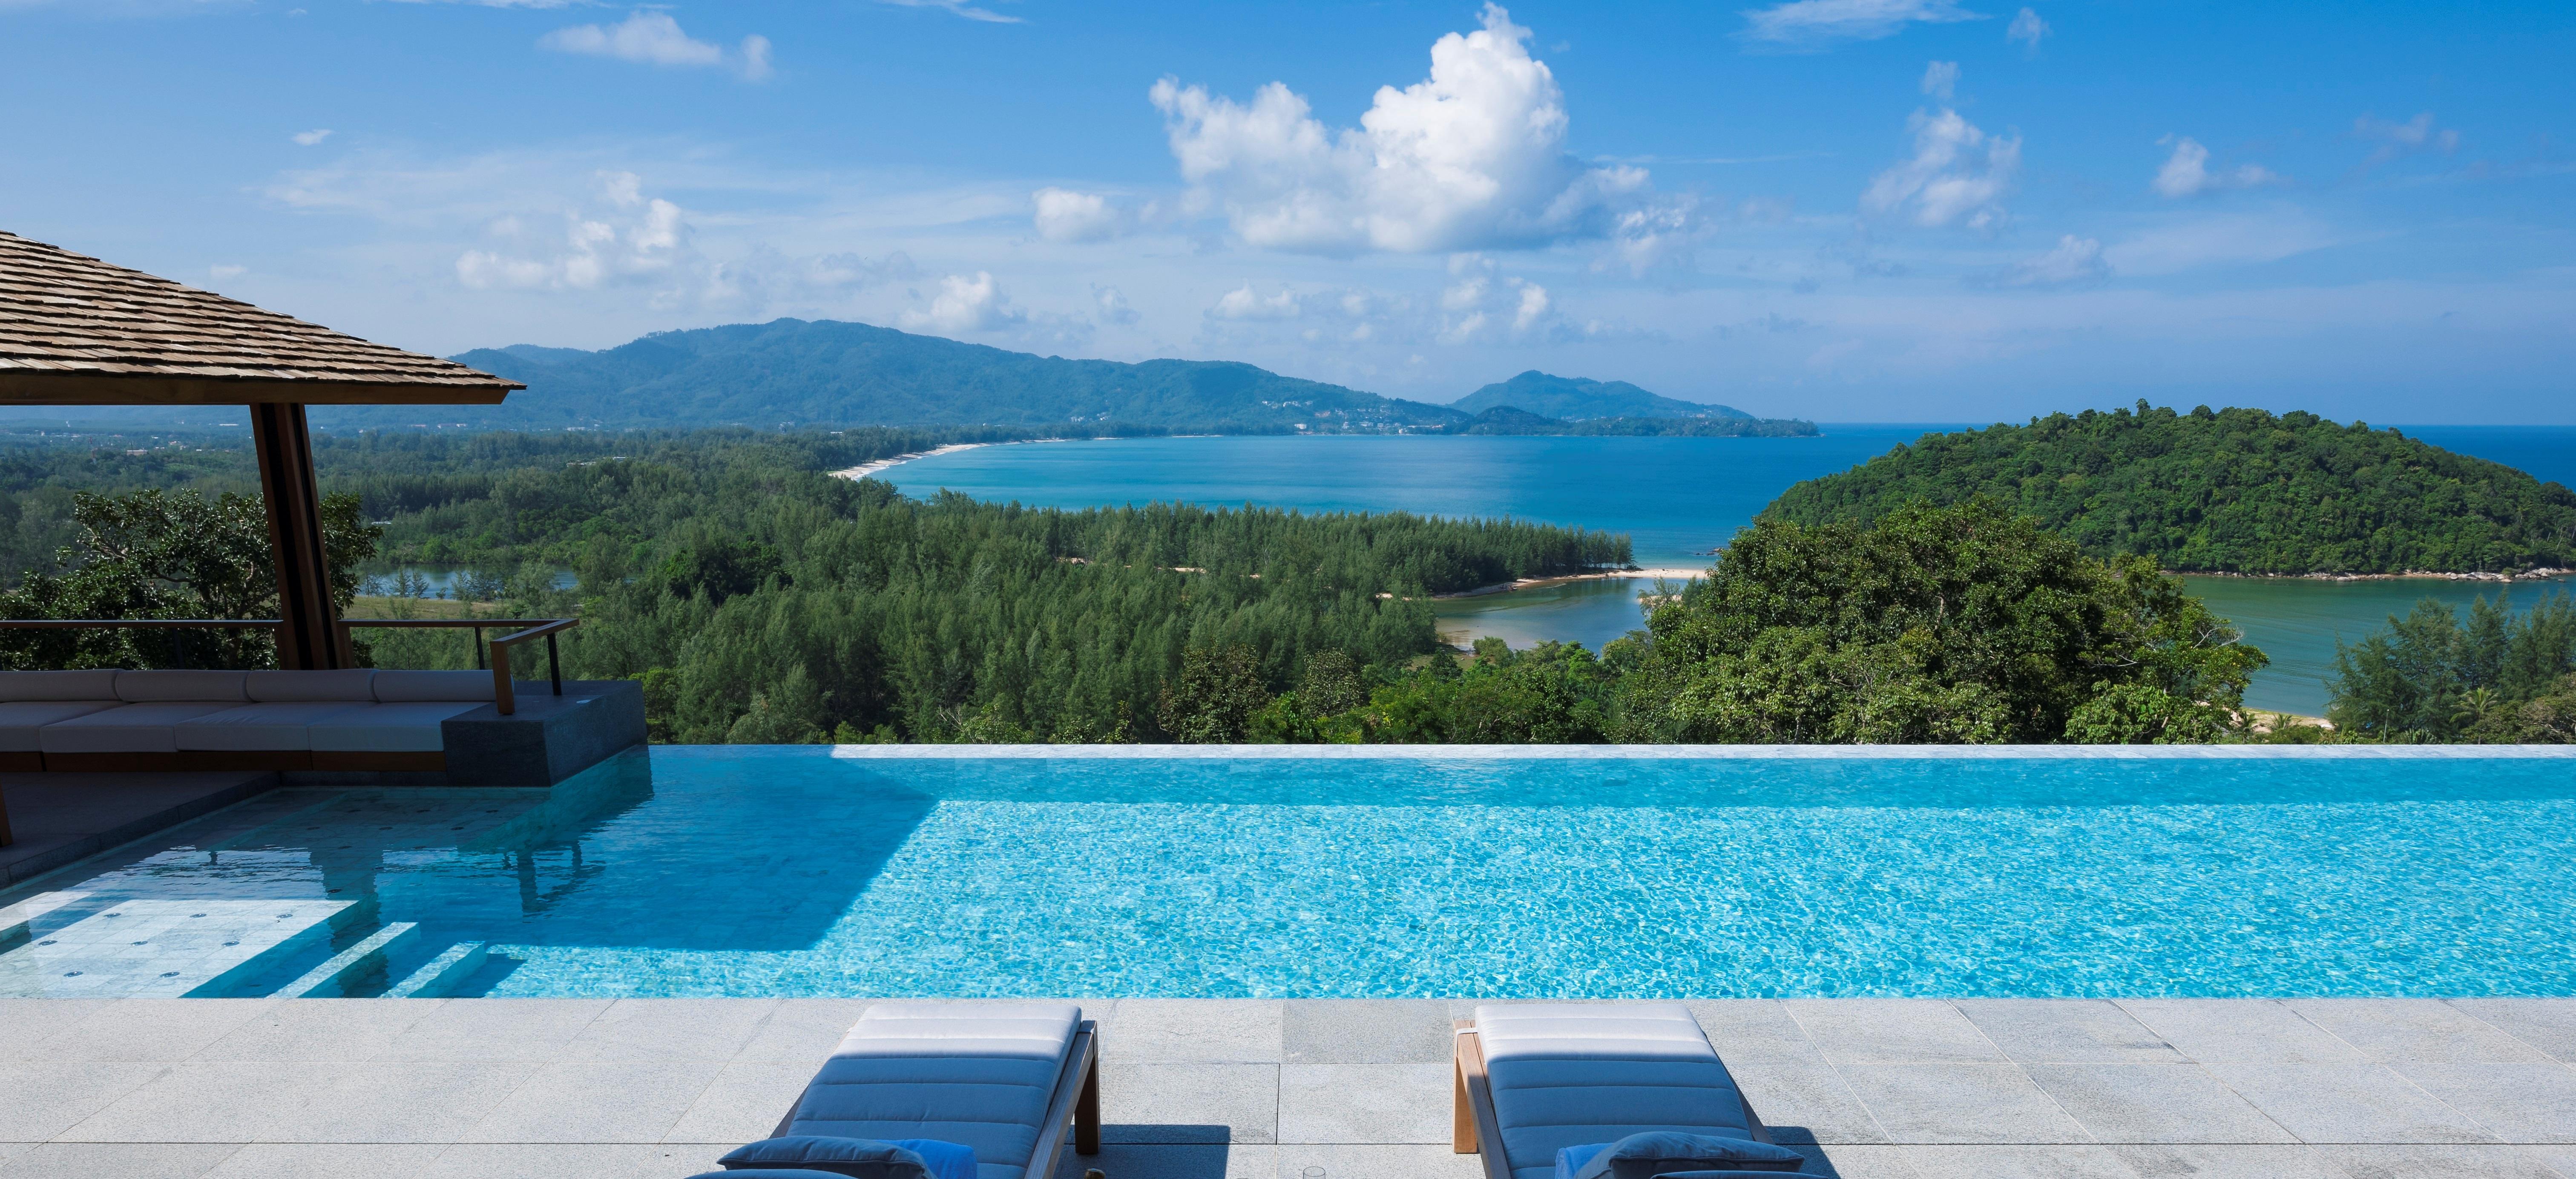 An exquisite villa development hidden away on paradisiacal Bangtao, Phuket.